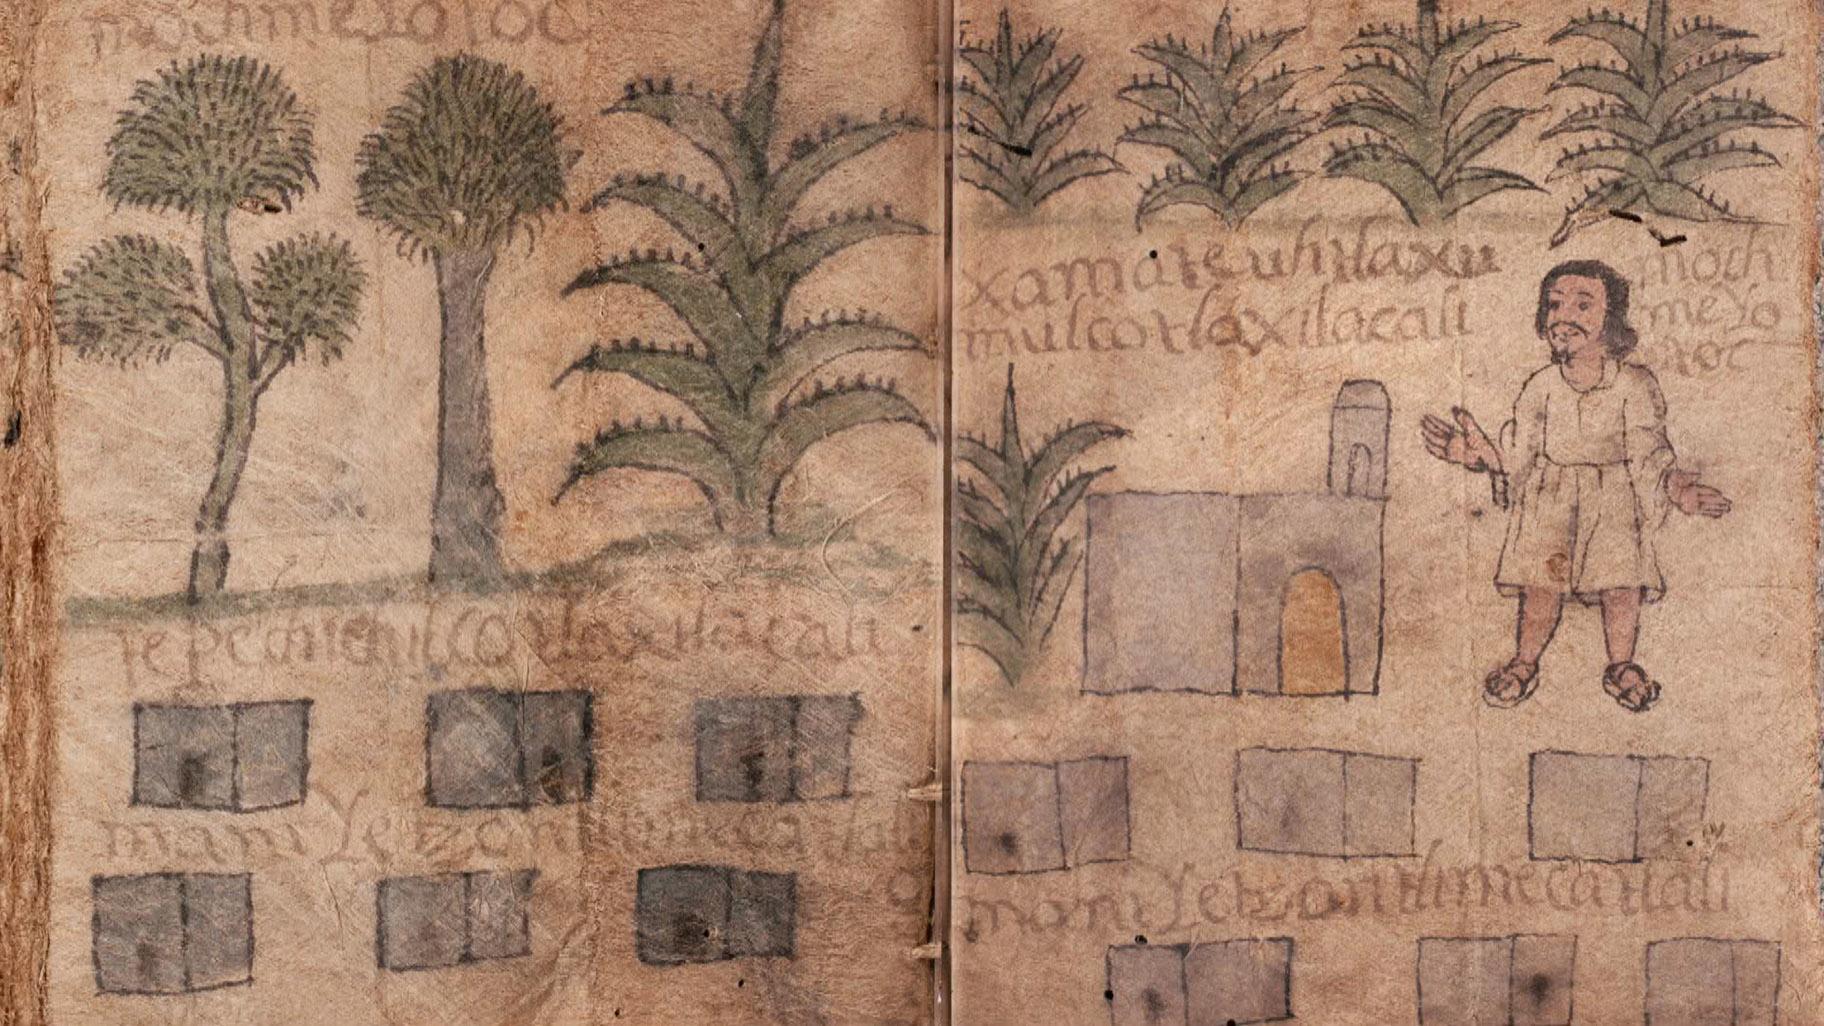 La exposición presenta artefactos y objetos de los pueblos indígenas de estos países, incluido el Codex Gembola.  (Noticias de WTTW)